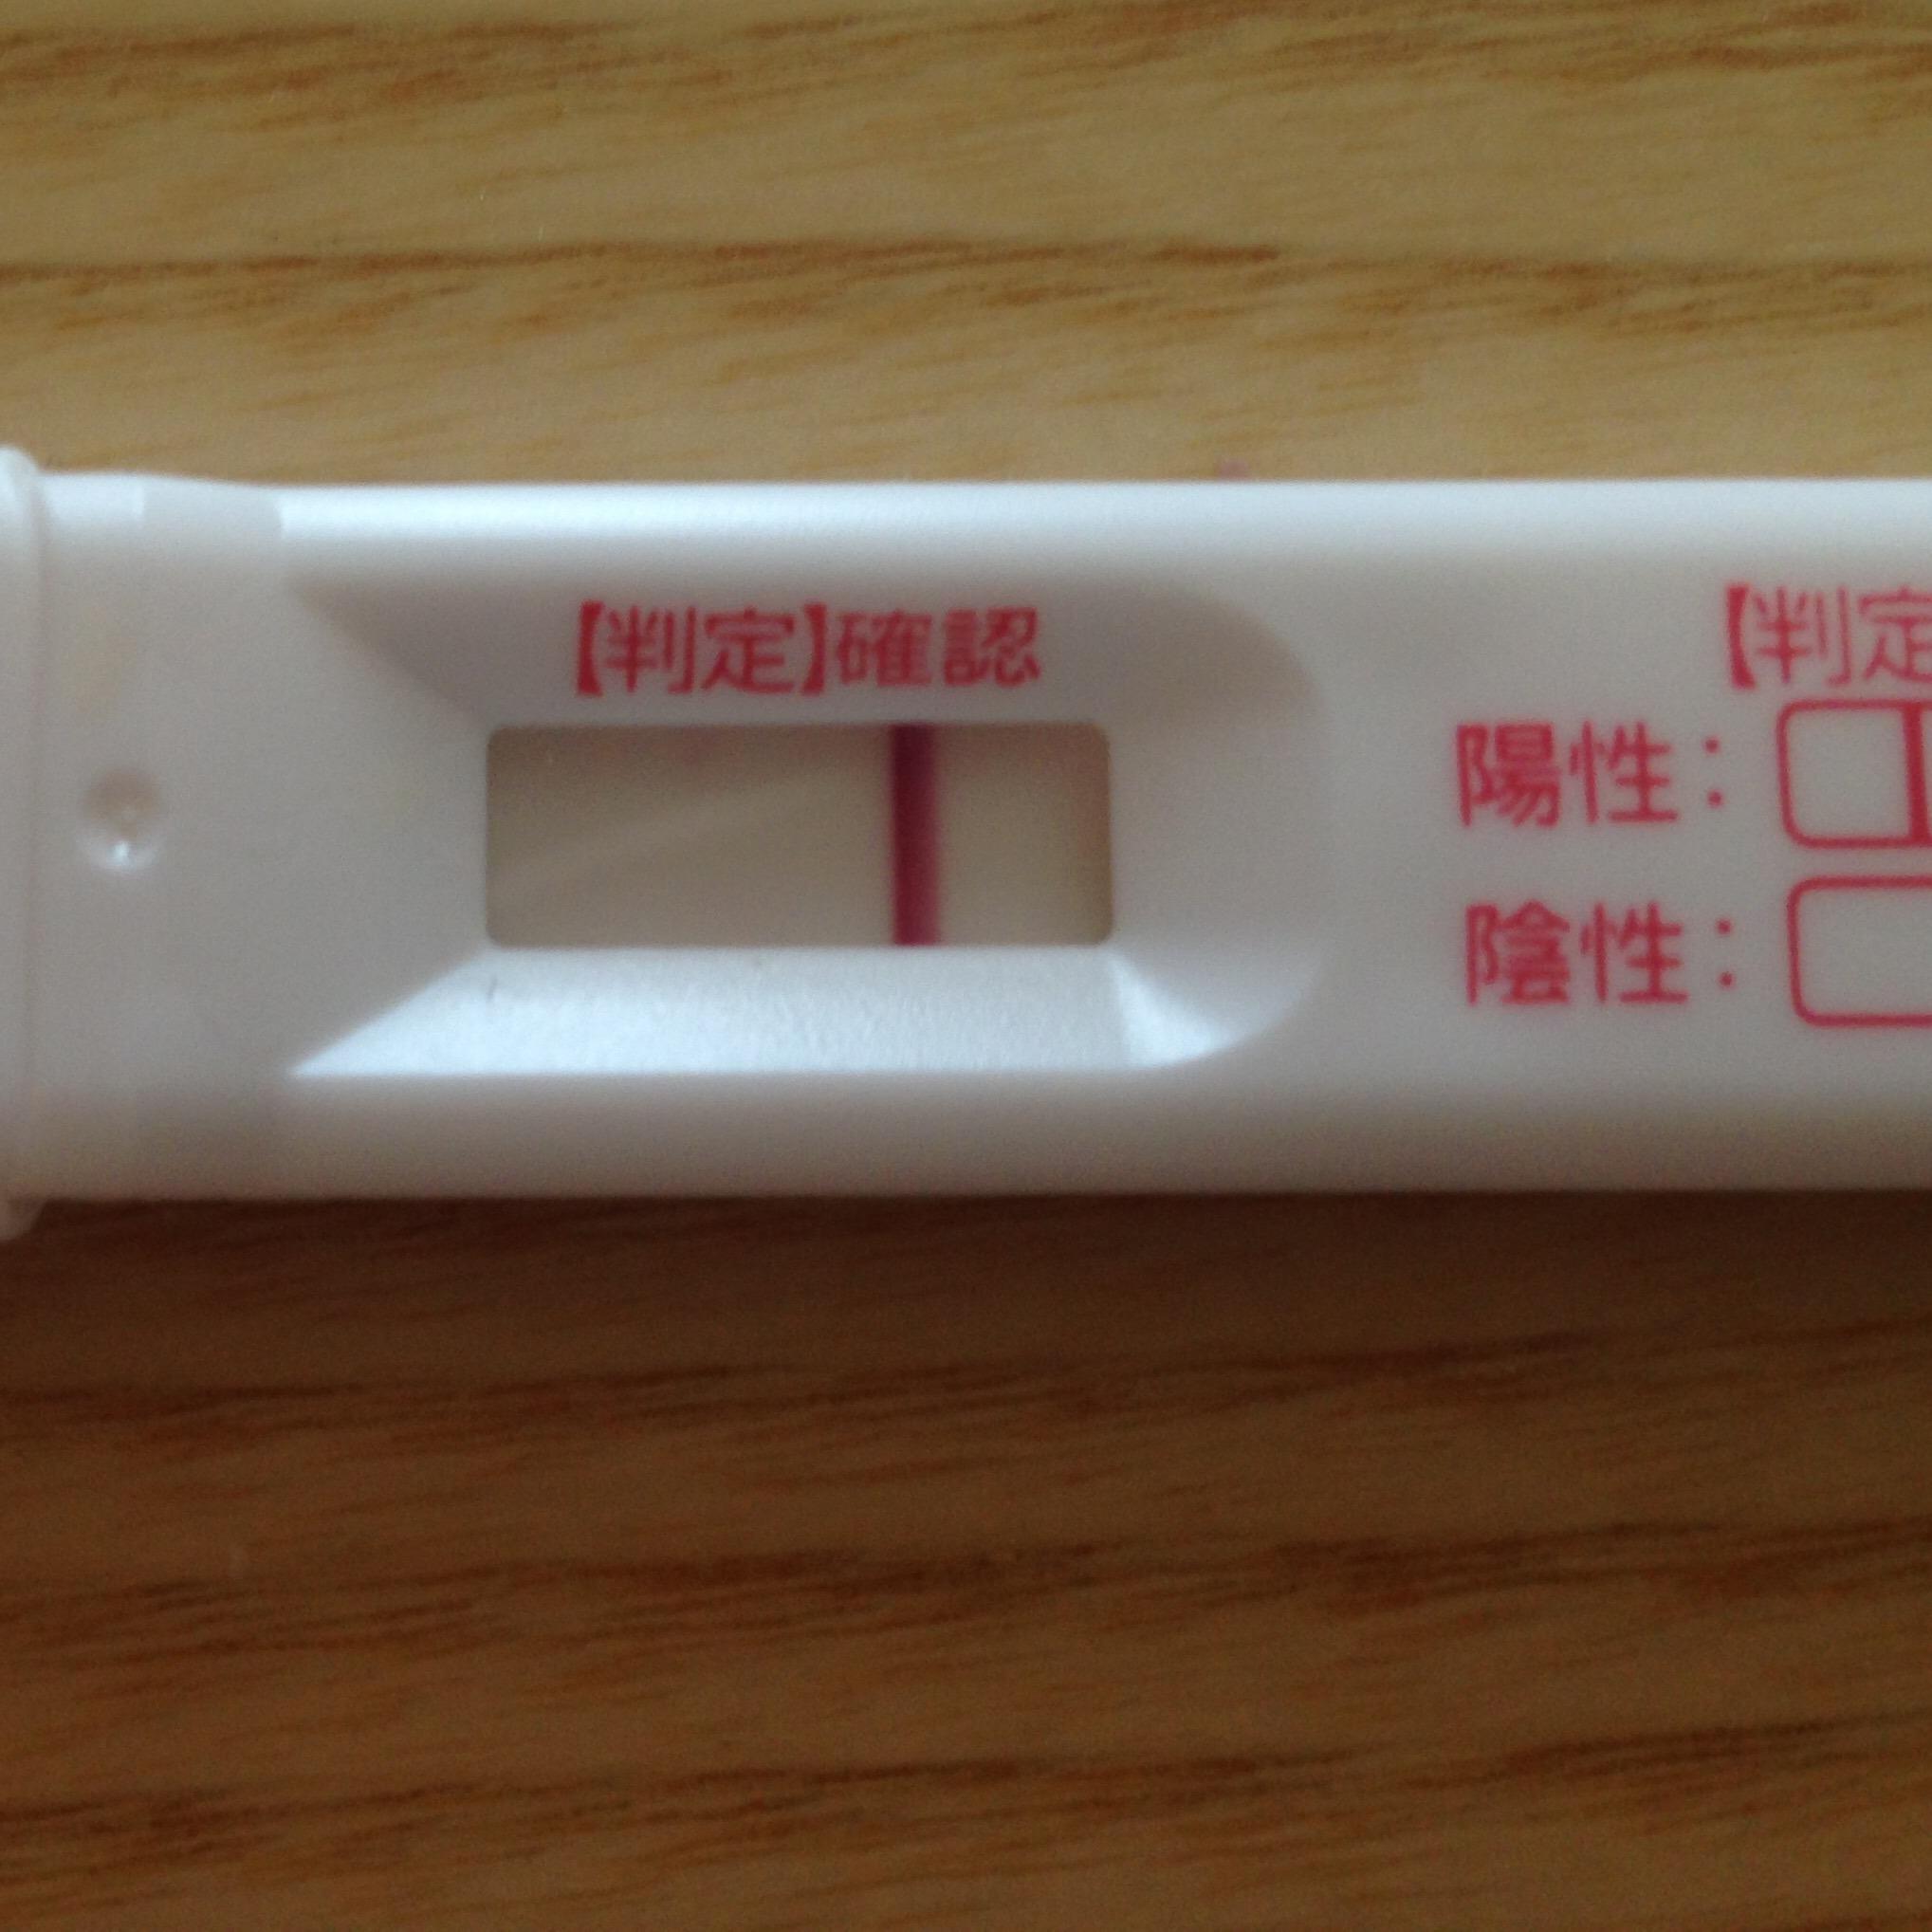 予定 日 検査 生理 陽性 妊娠 薬